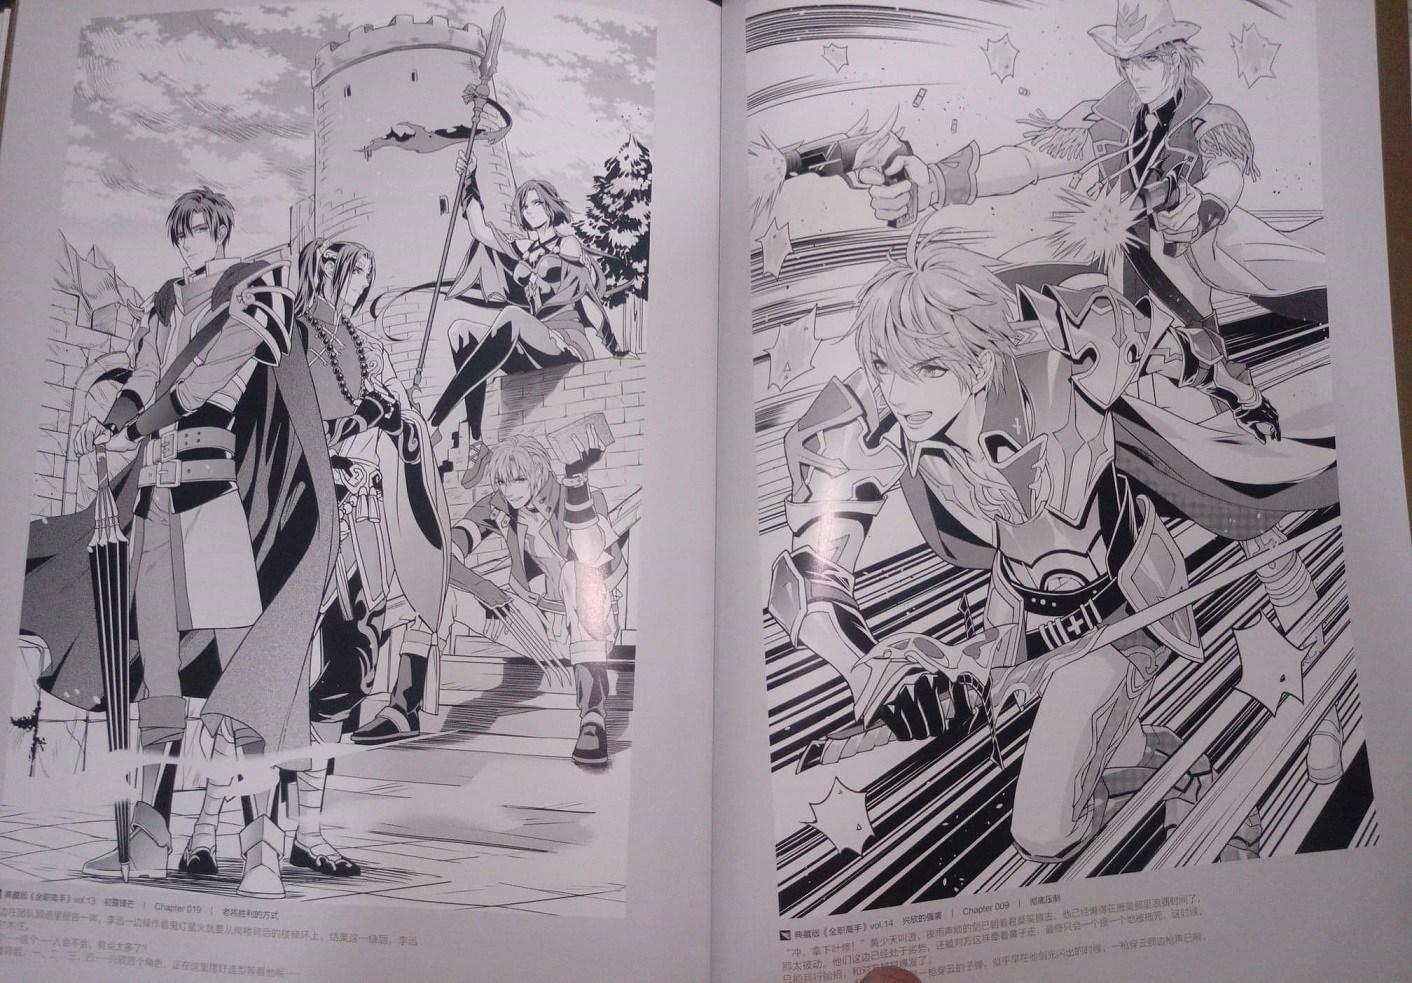 【典藏版畫冊】榮耀!全職高手。 - zxc380288511的創作 - 巴哈姆特